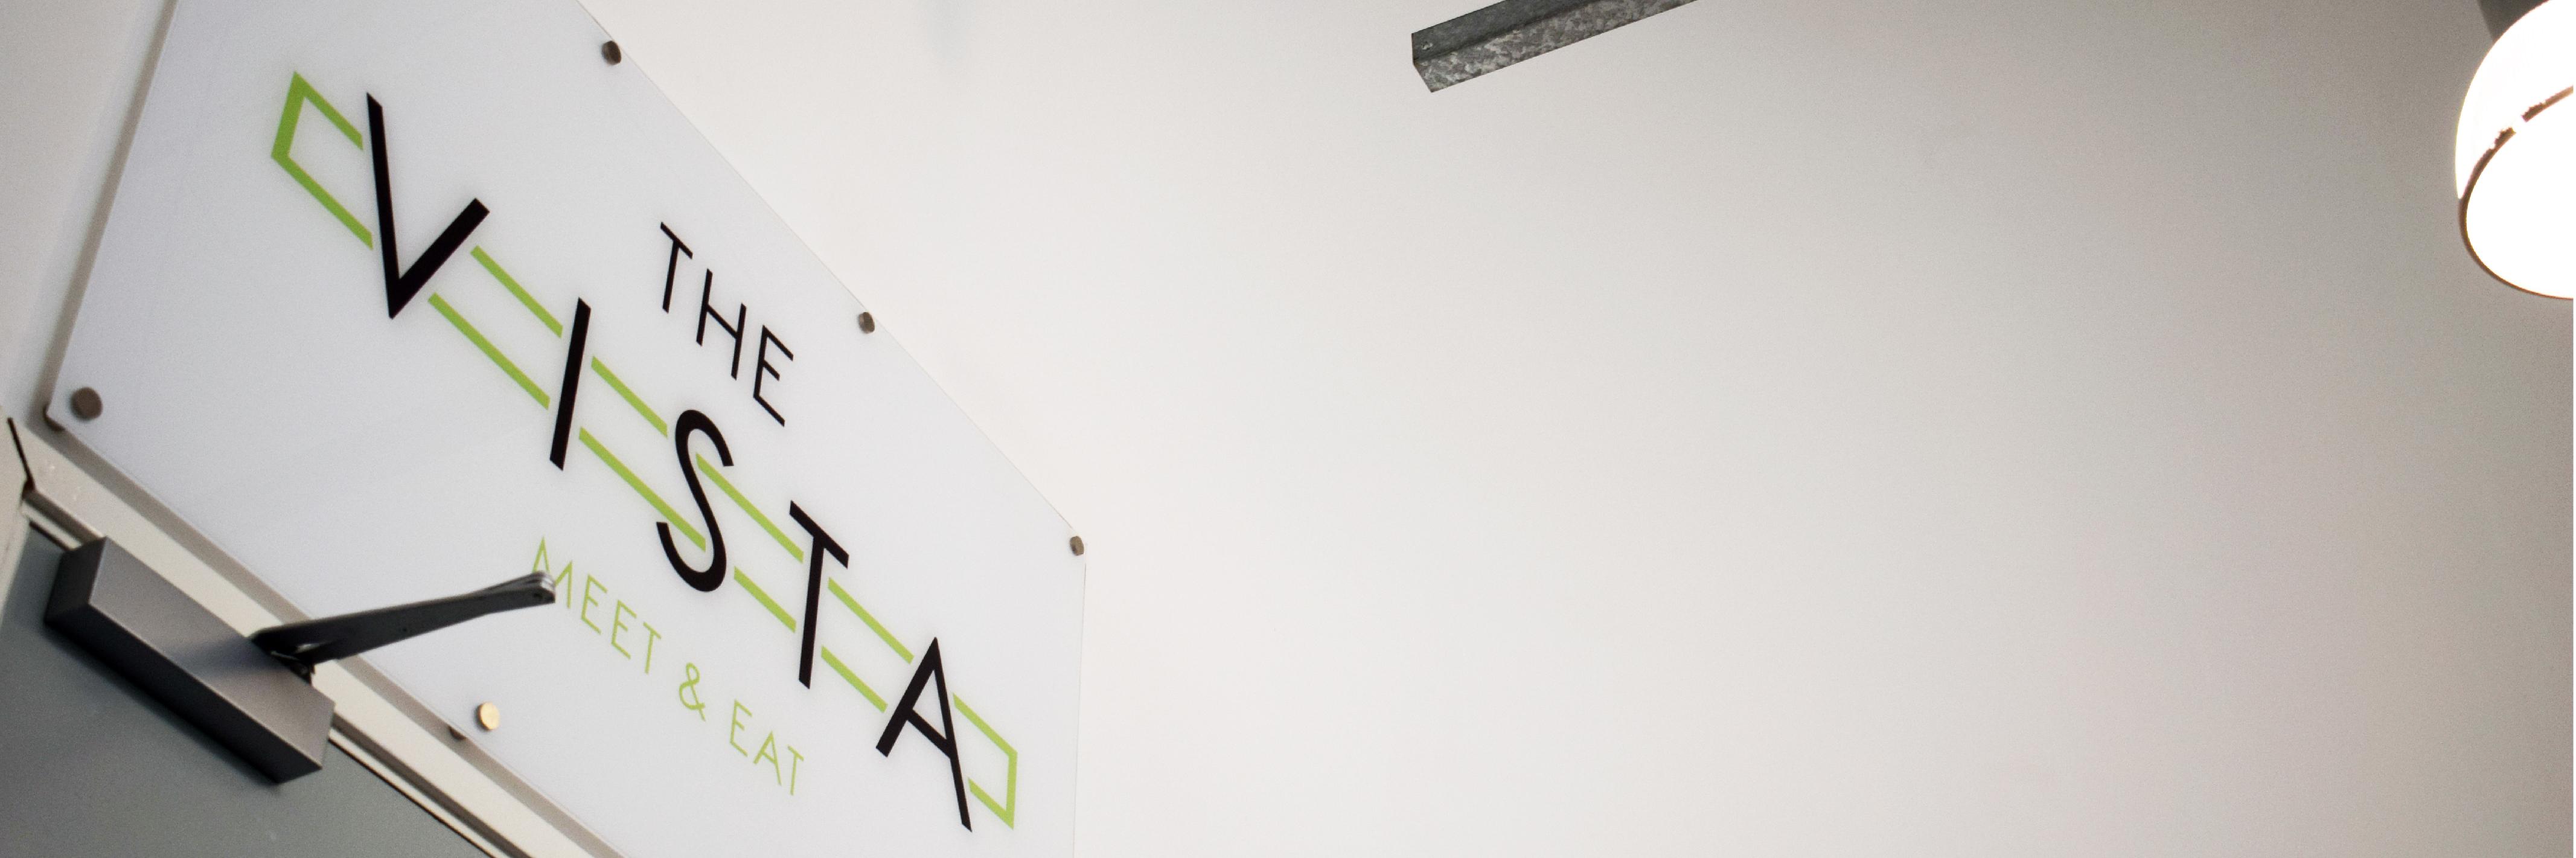 Vista banner 2 01